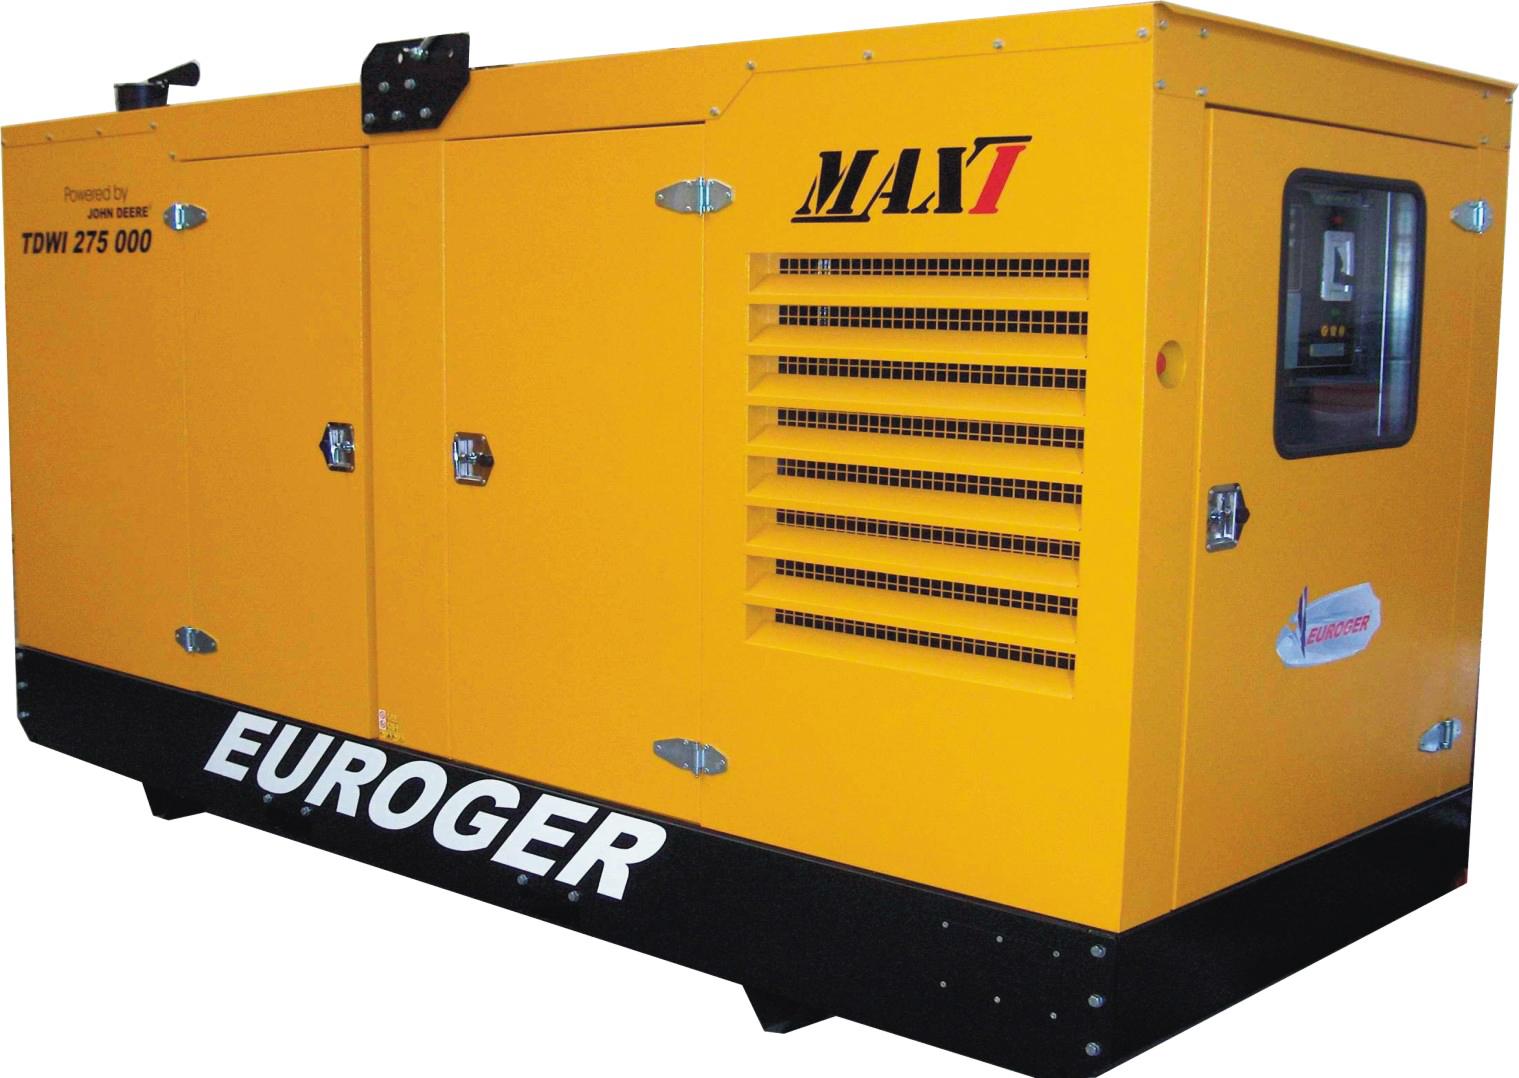 Gerador Euroger MAXI -TDWI 275 kVA